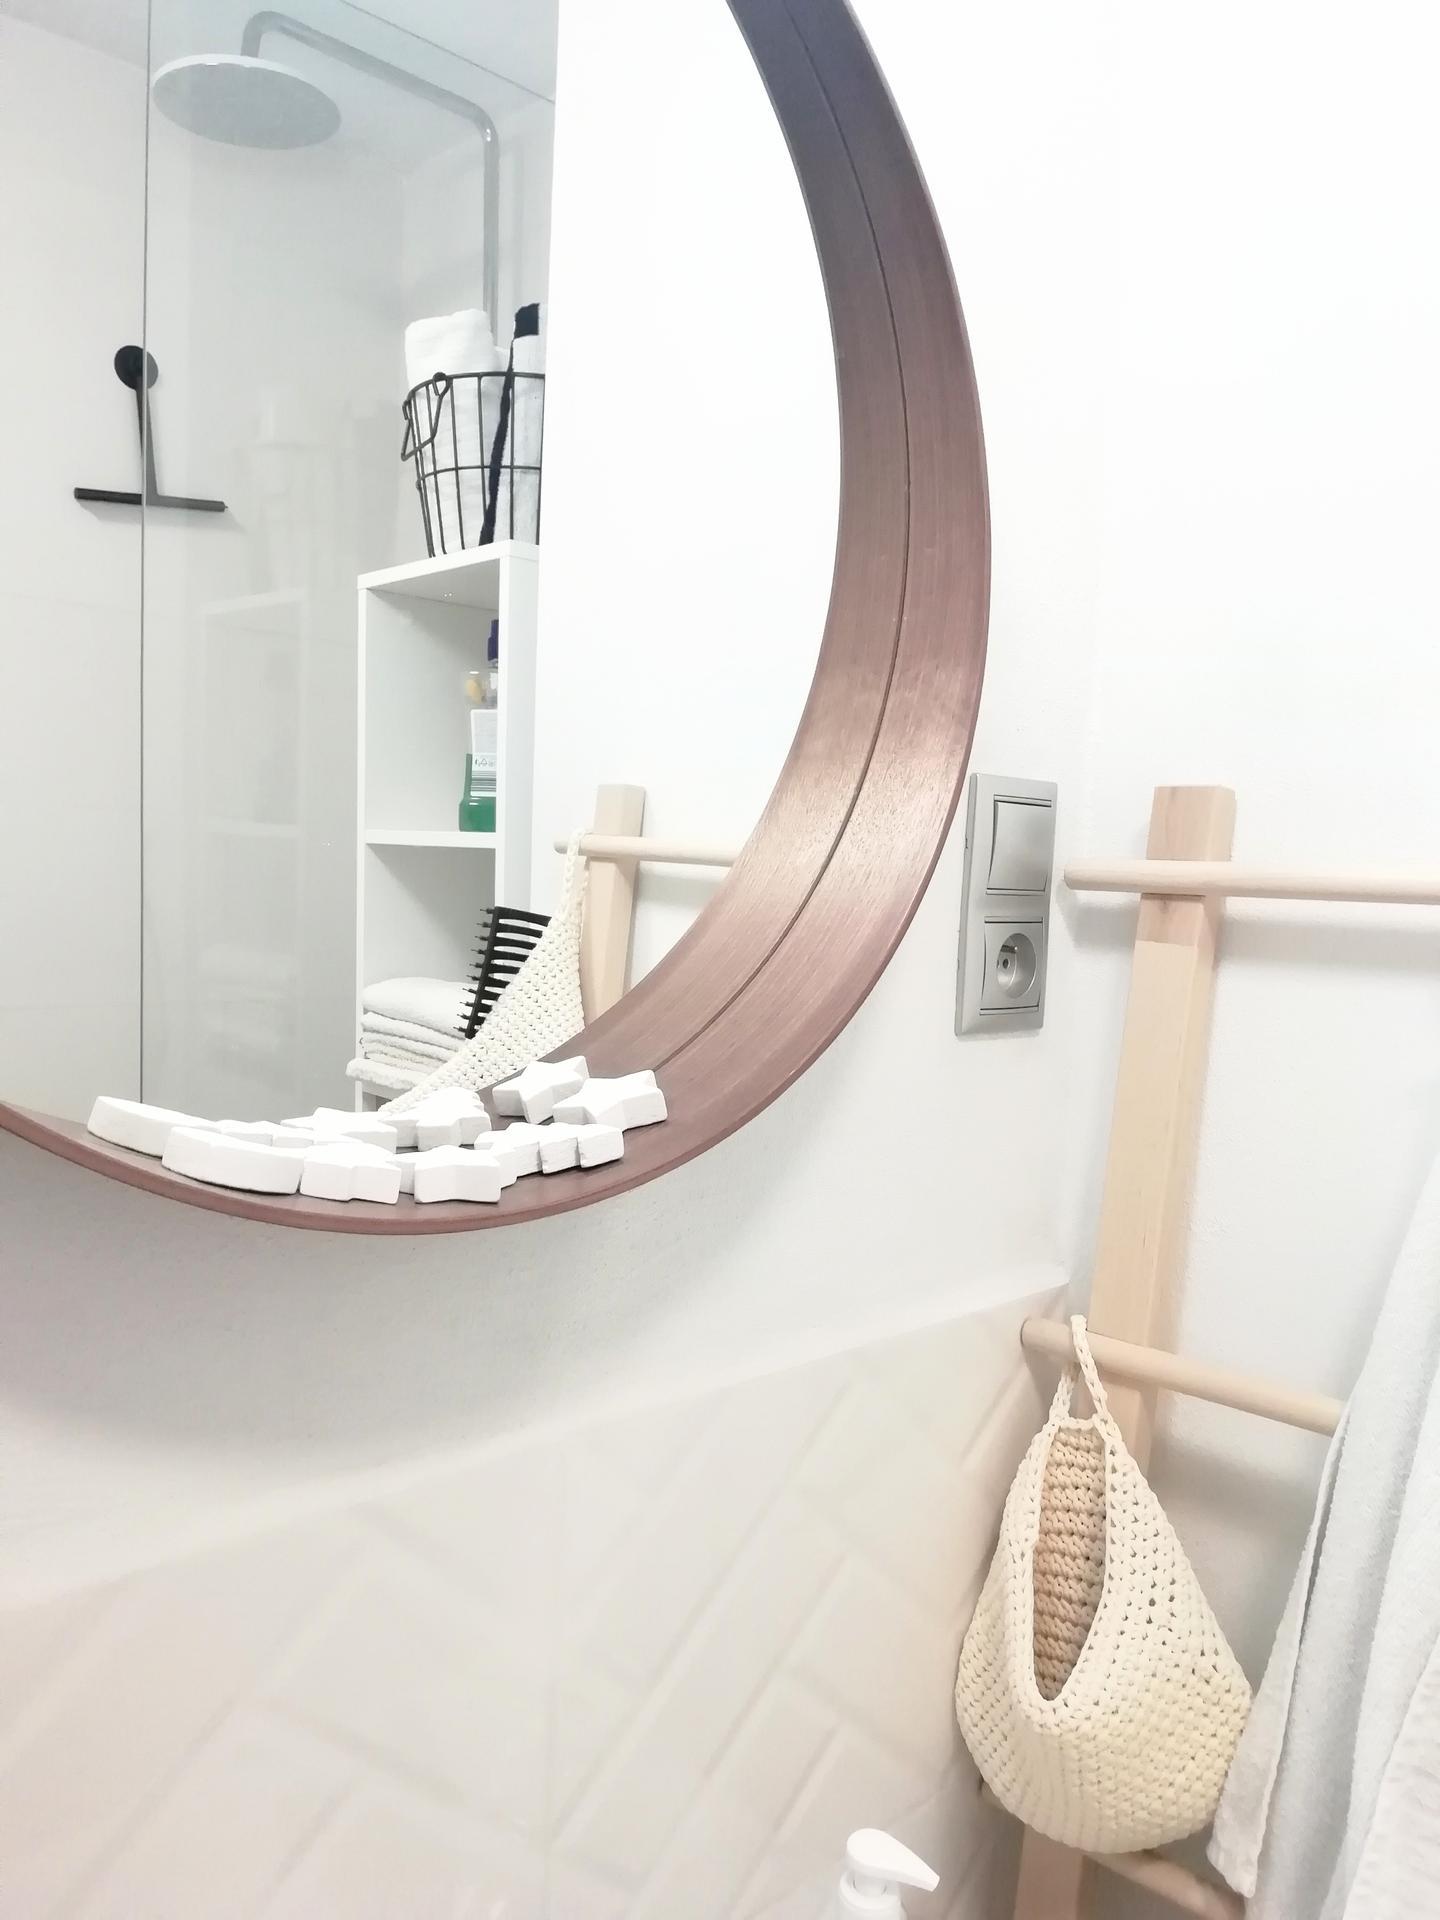 Prerábka kúpeľne, wc a chodby v byte - ..vianočne aj v kúpeľni...